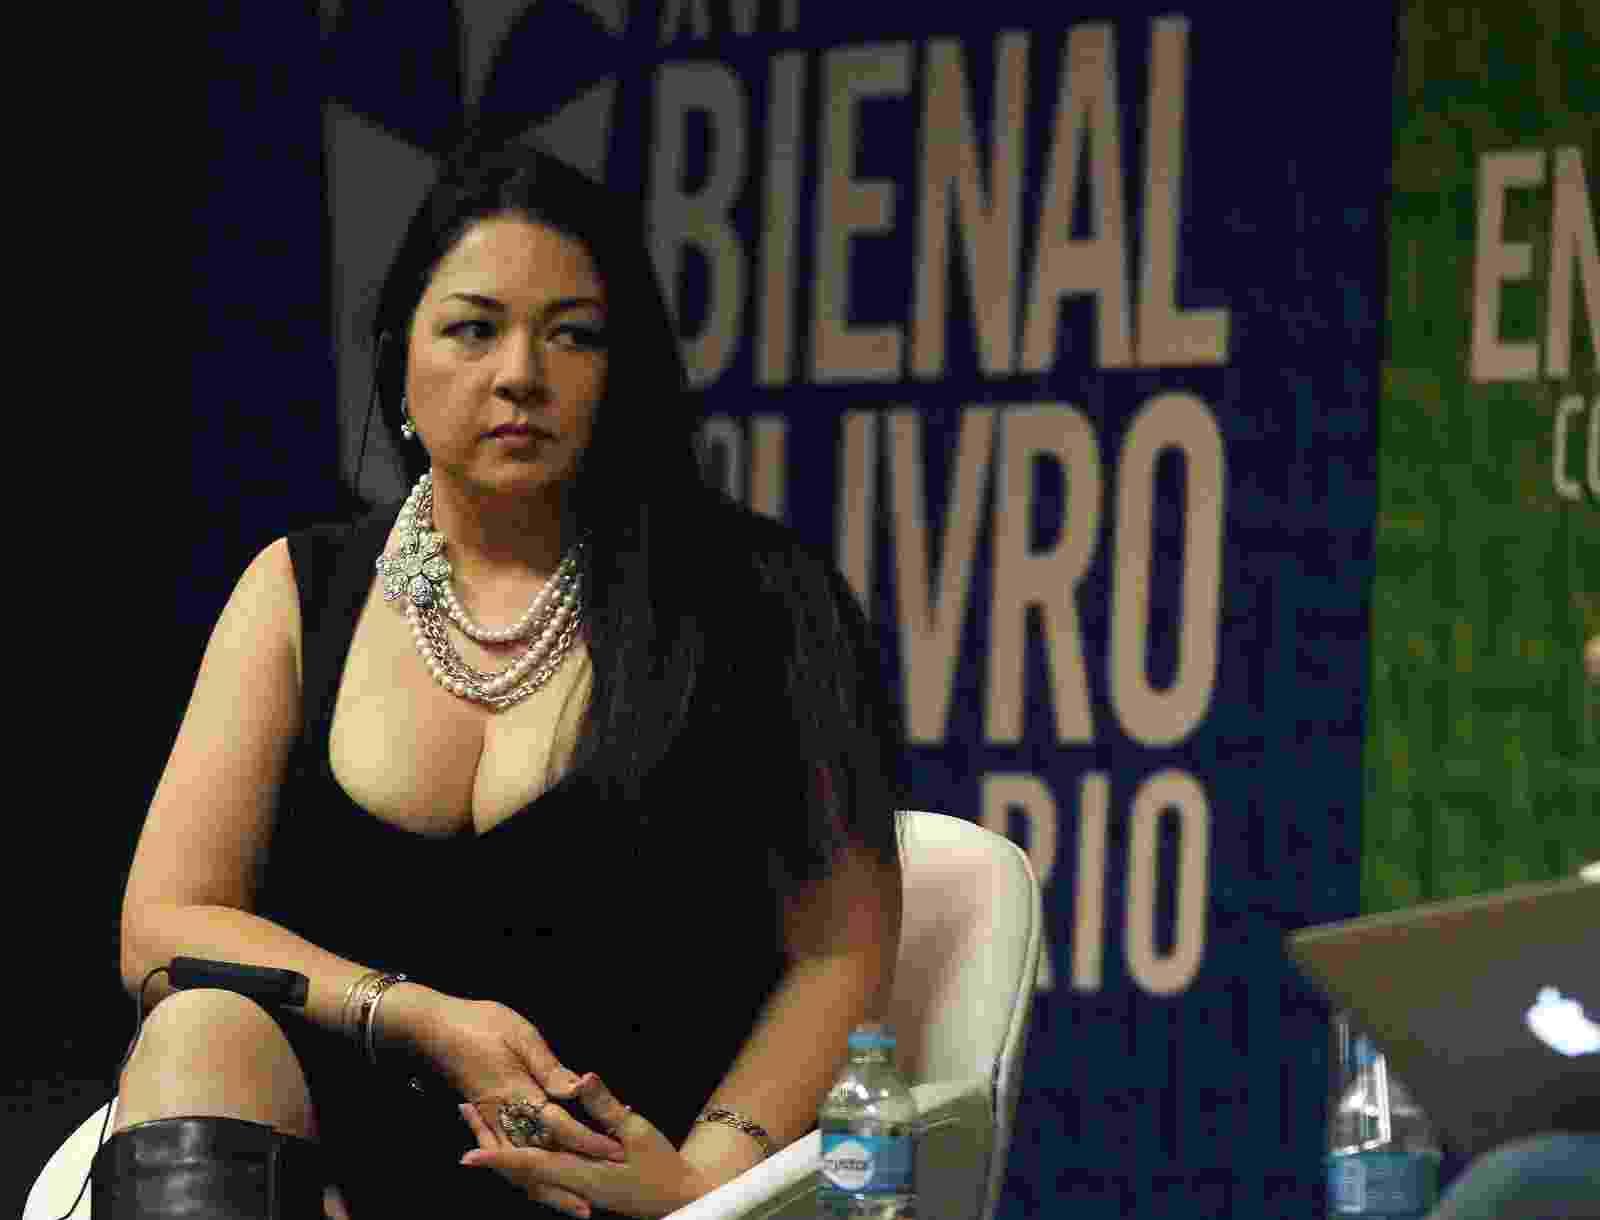 A autora de livros eróticos Sylvia Day chama a atenção da plateia com seu decote, durante papo na Bienal do Livro do Rio - Divulgação/bienaldolivro